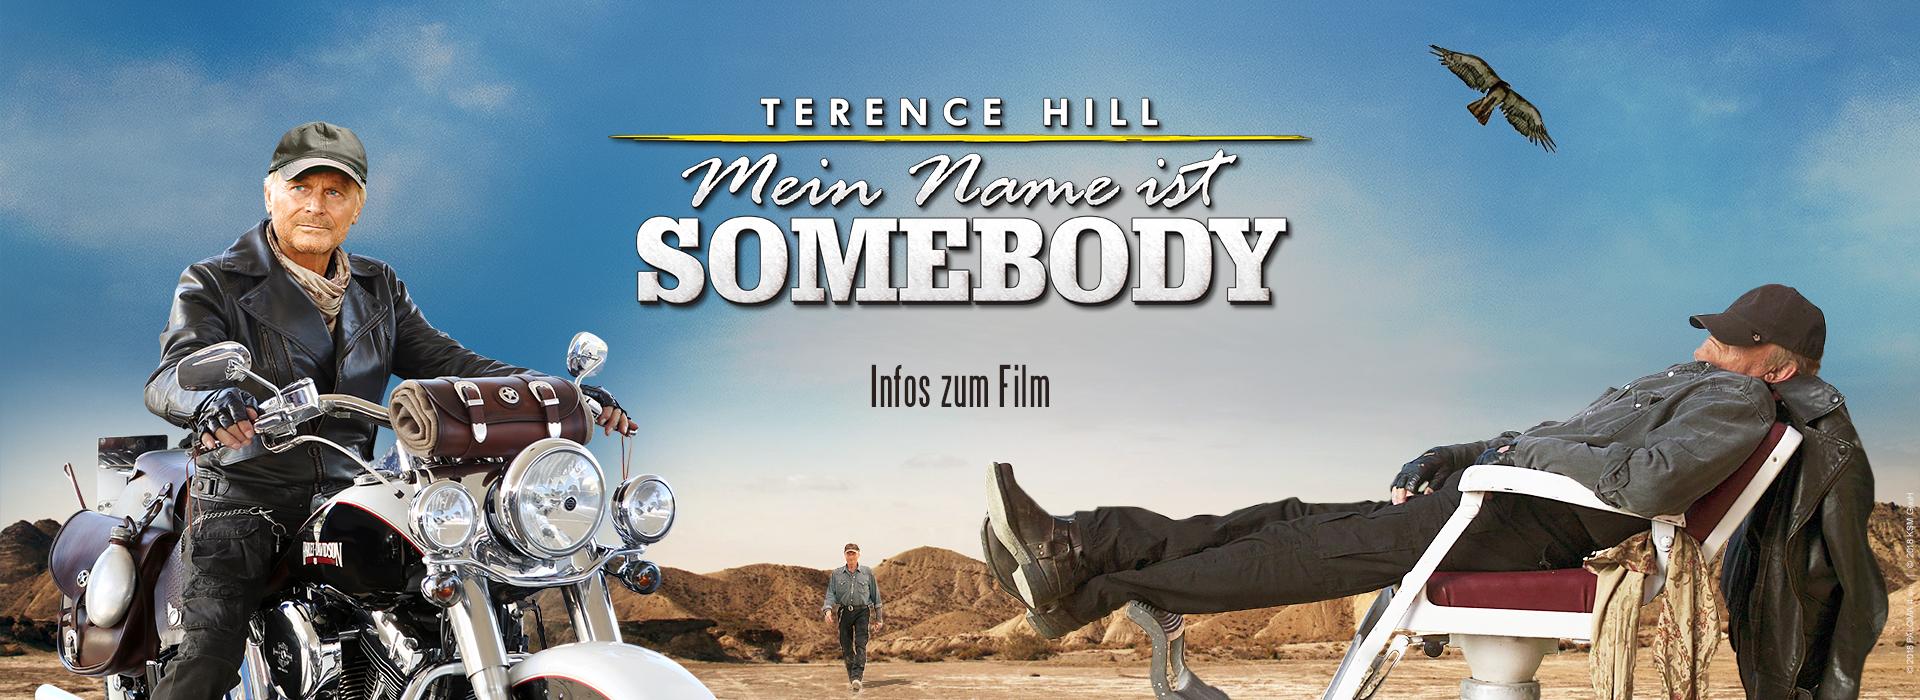 Terence Hill Merchandise III